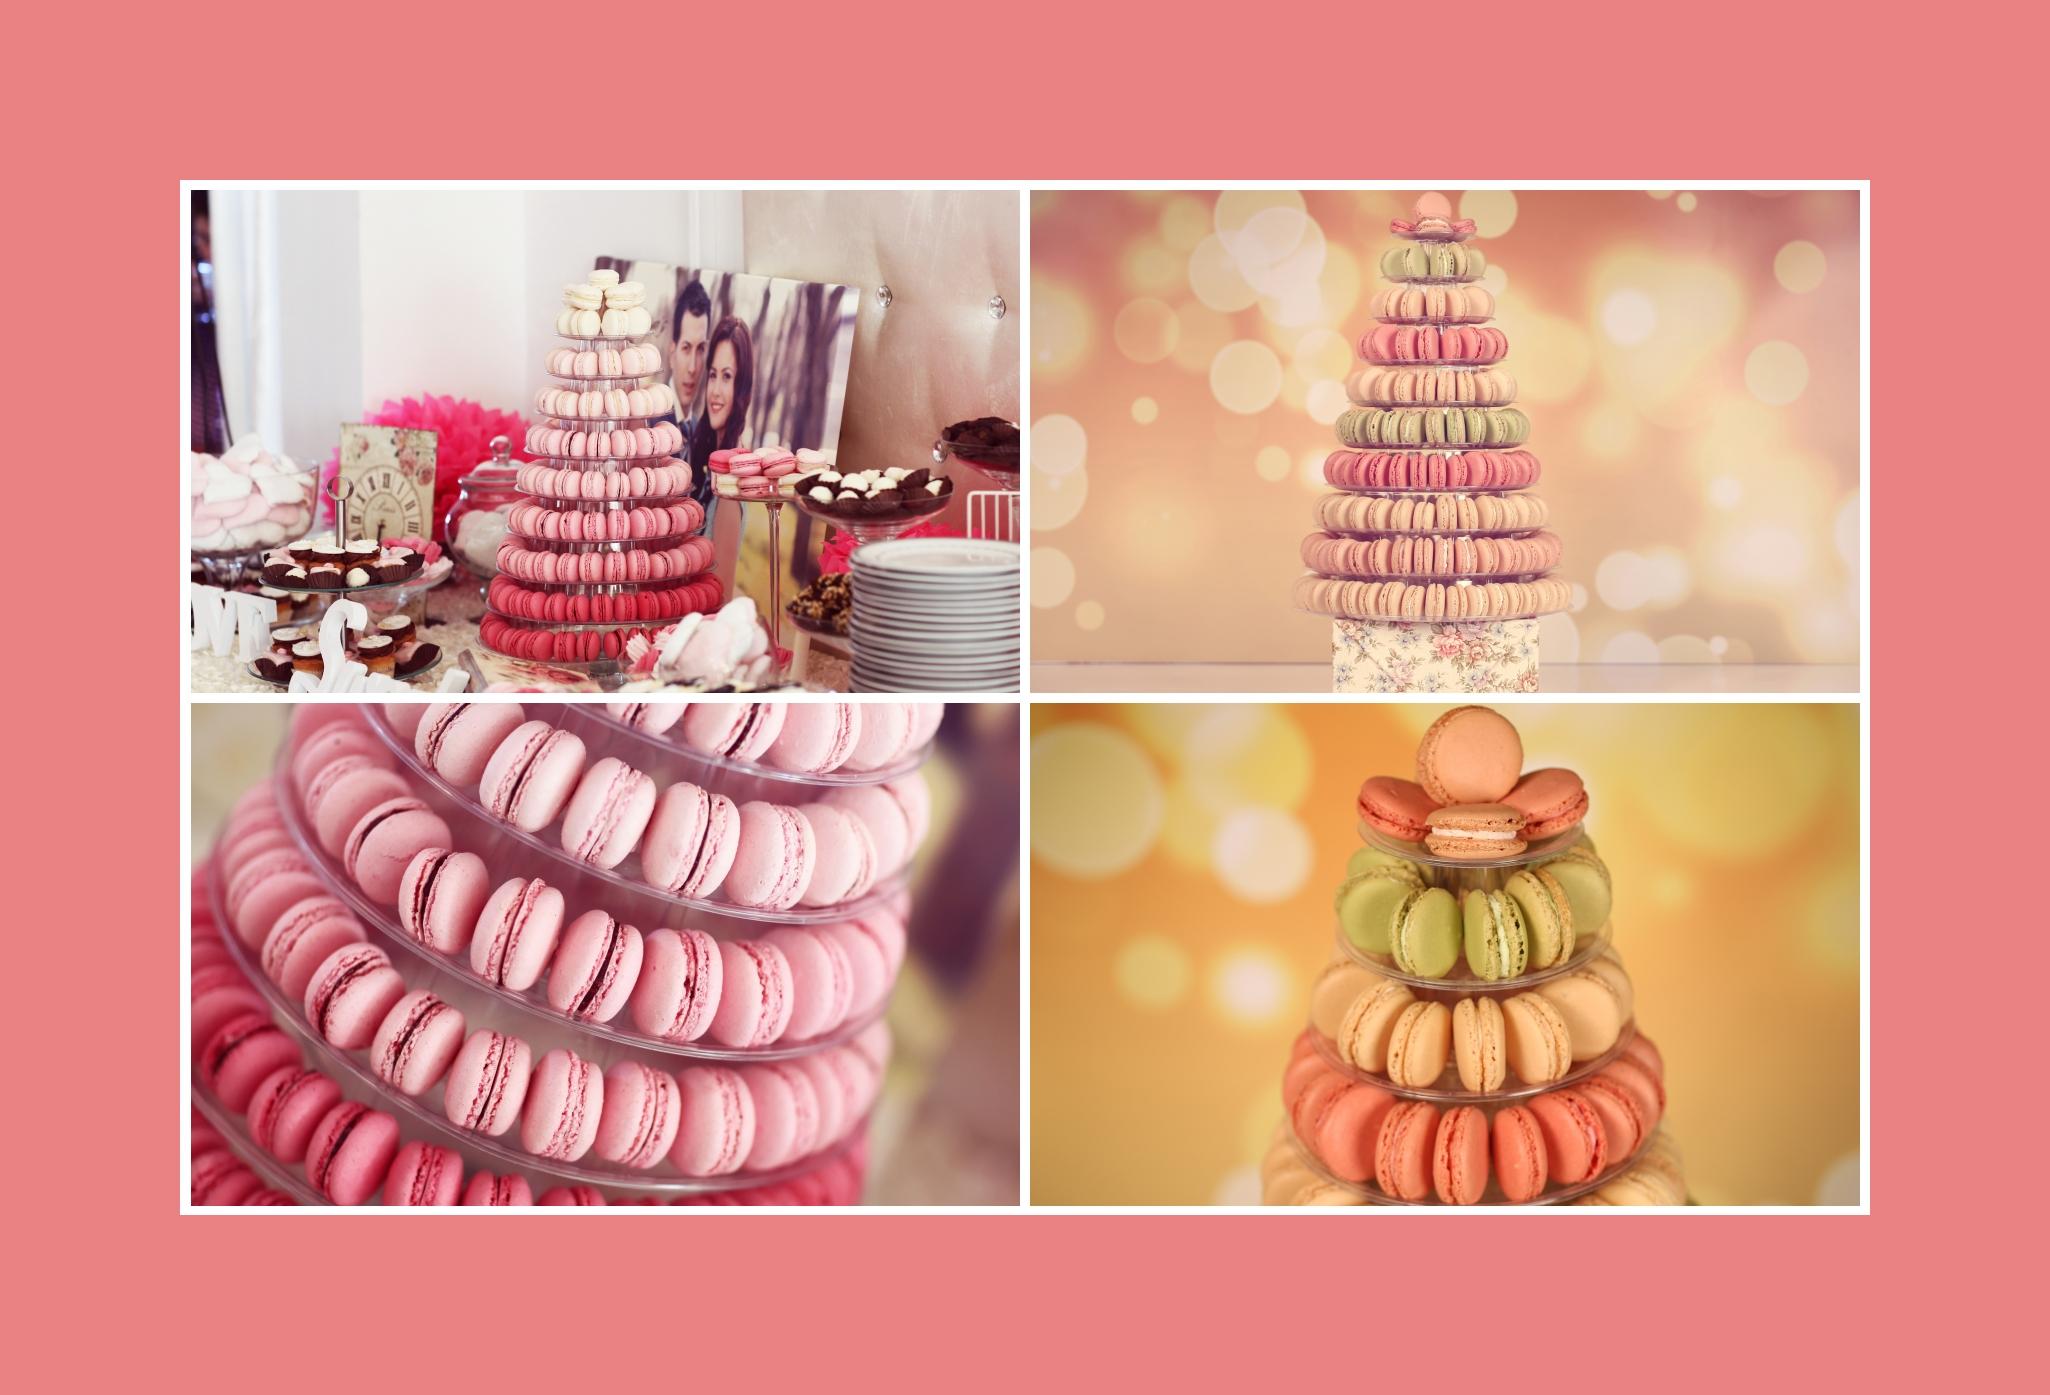 Bunte Macarons als Alternative zur Hochzeitstorte